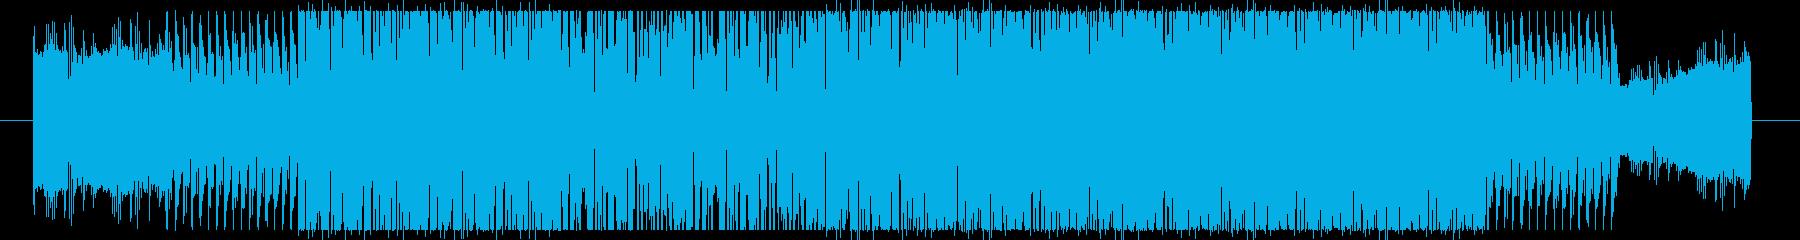 近未来的なサウンドを意識して作成しまし…の再生済みの波形